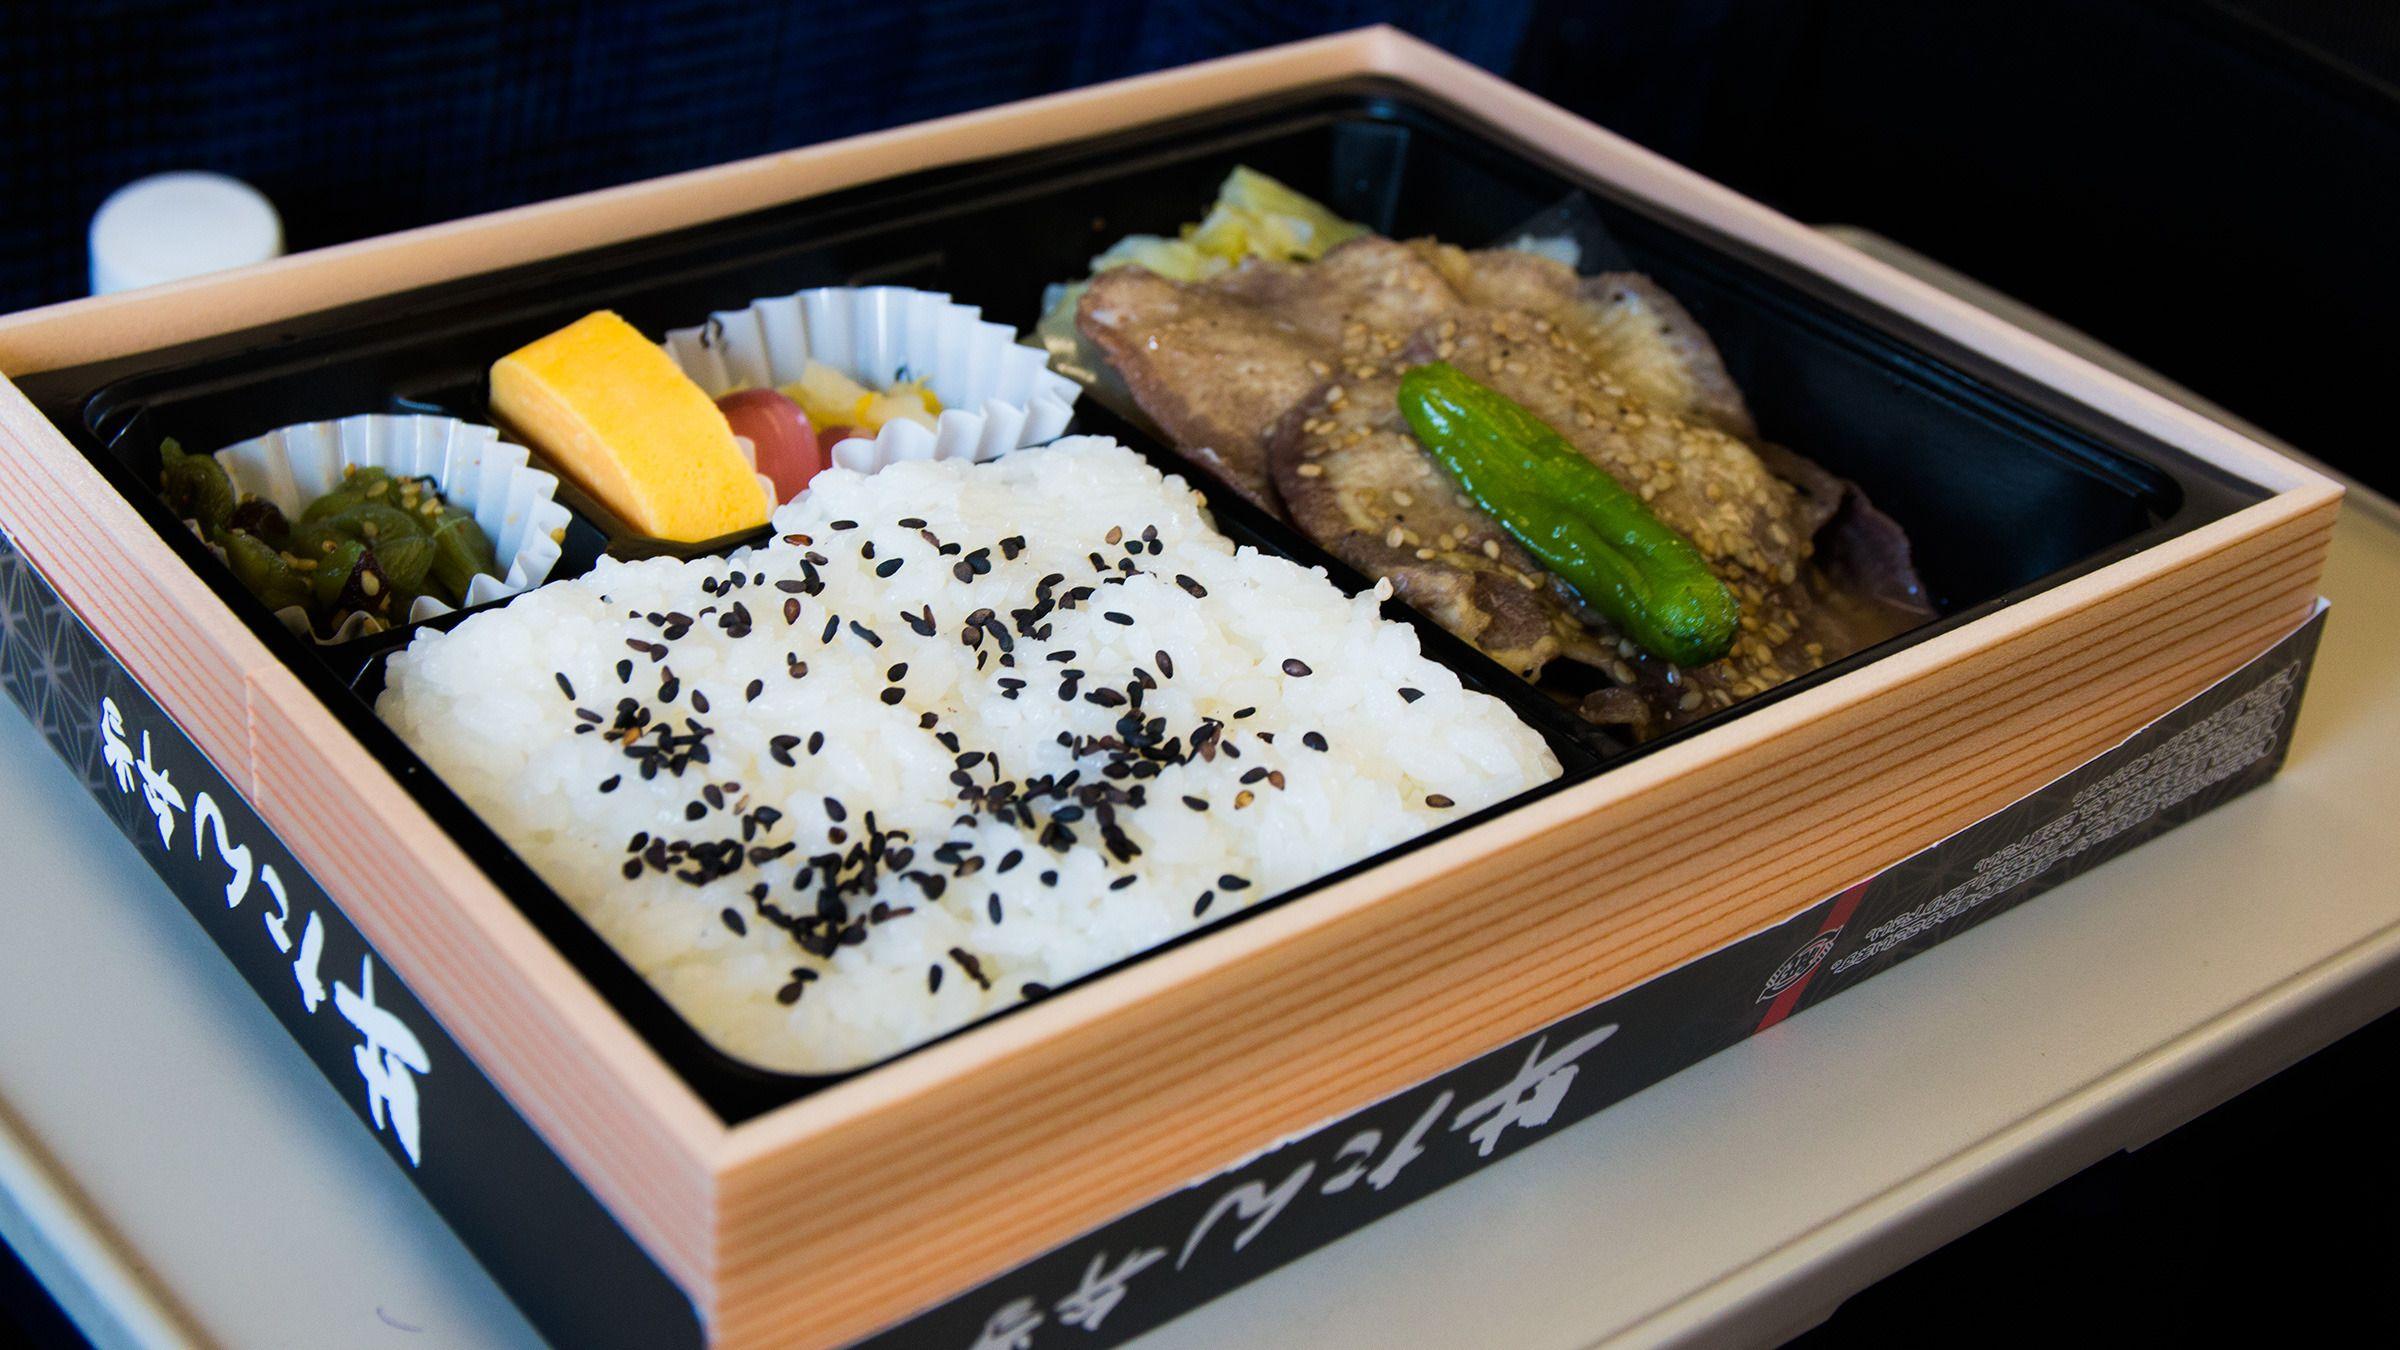 Togvertinnen passerer titt og ofte med en tralle som byr på mat og drikke underveis med Shinkansen.Foto: Varg Aamo, Hardware.no